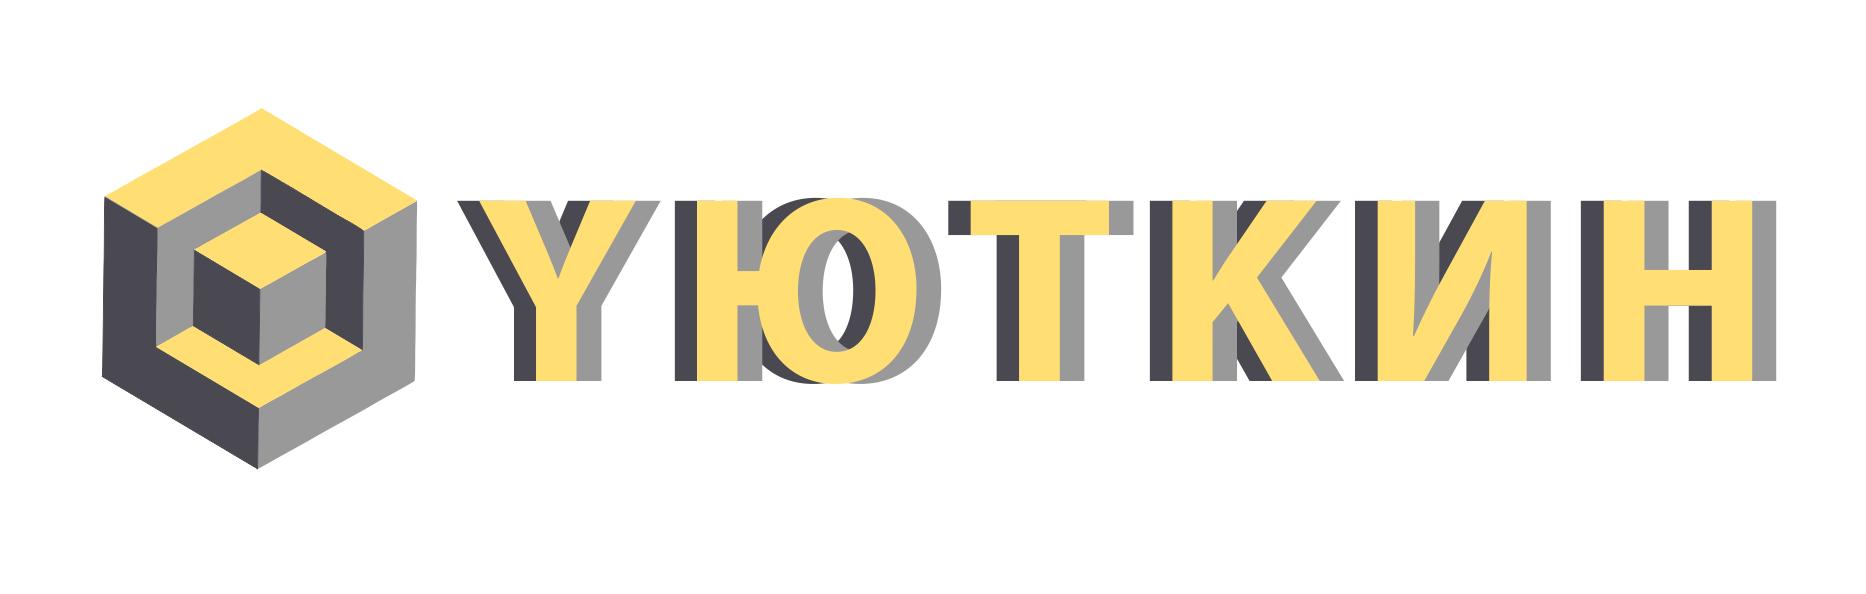 Создание логотипа и стиля сайта фото f_6265c61a086a67e1.png